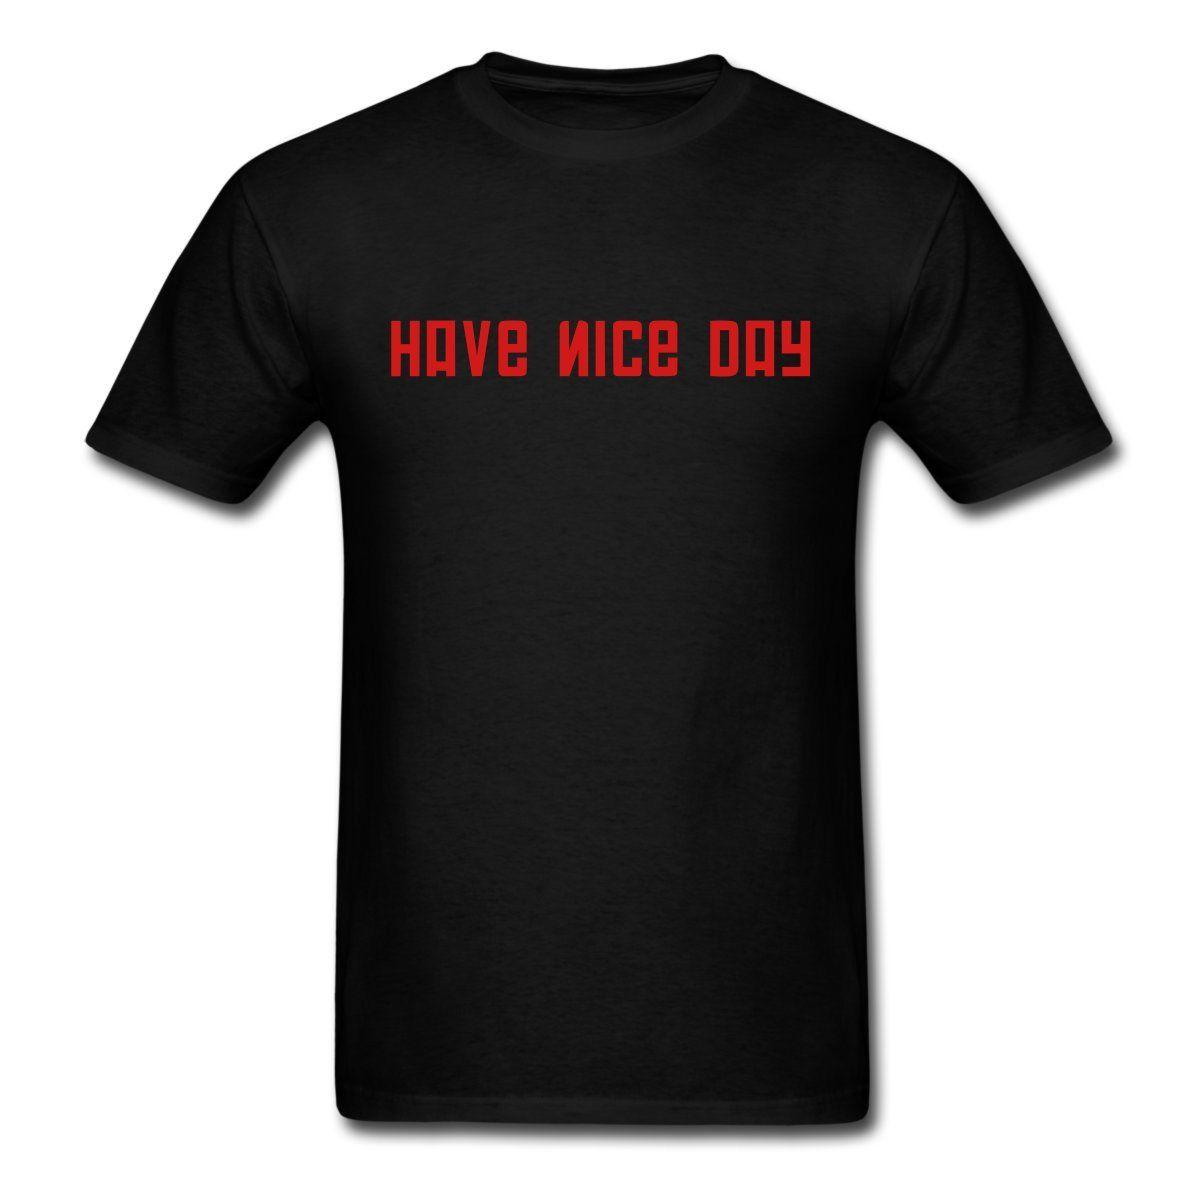 FPS 러시아 좋은 하루 남자 T 셔츠 남성 하라주쿠 상위 피트니스 브랜드 의류 뜨거운 판매 100 % 코튼 슬리브 남자 T 셔츠